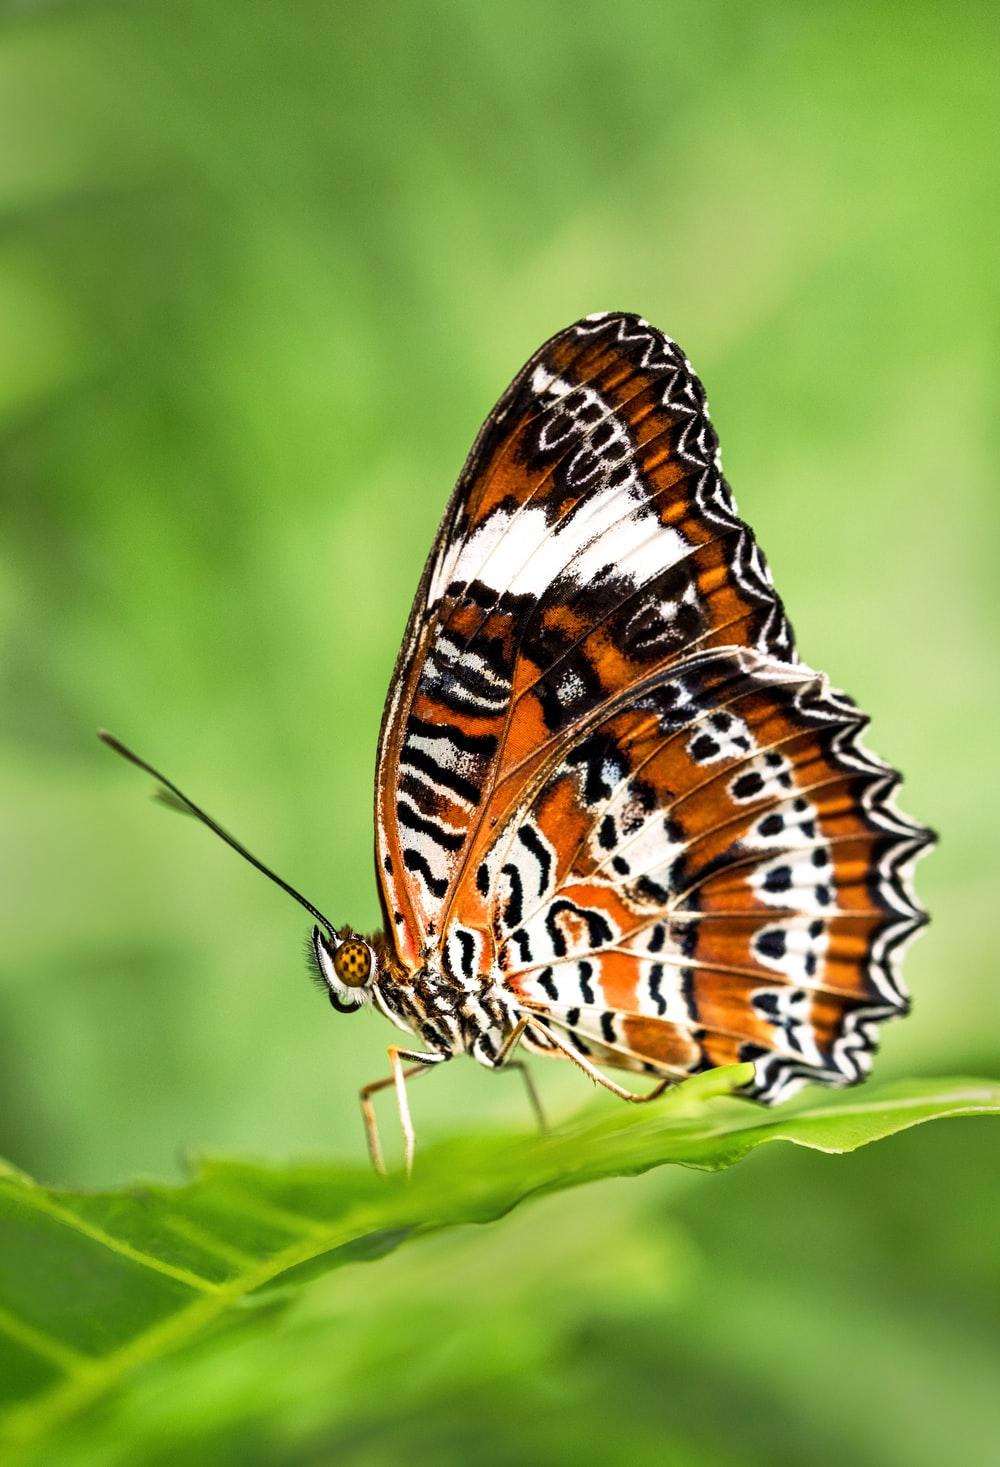 Hình ảnh bướm vằn rất đẹp